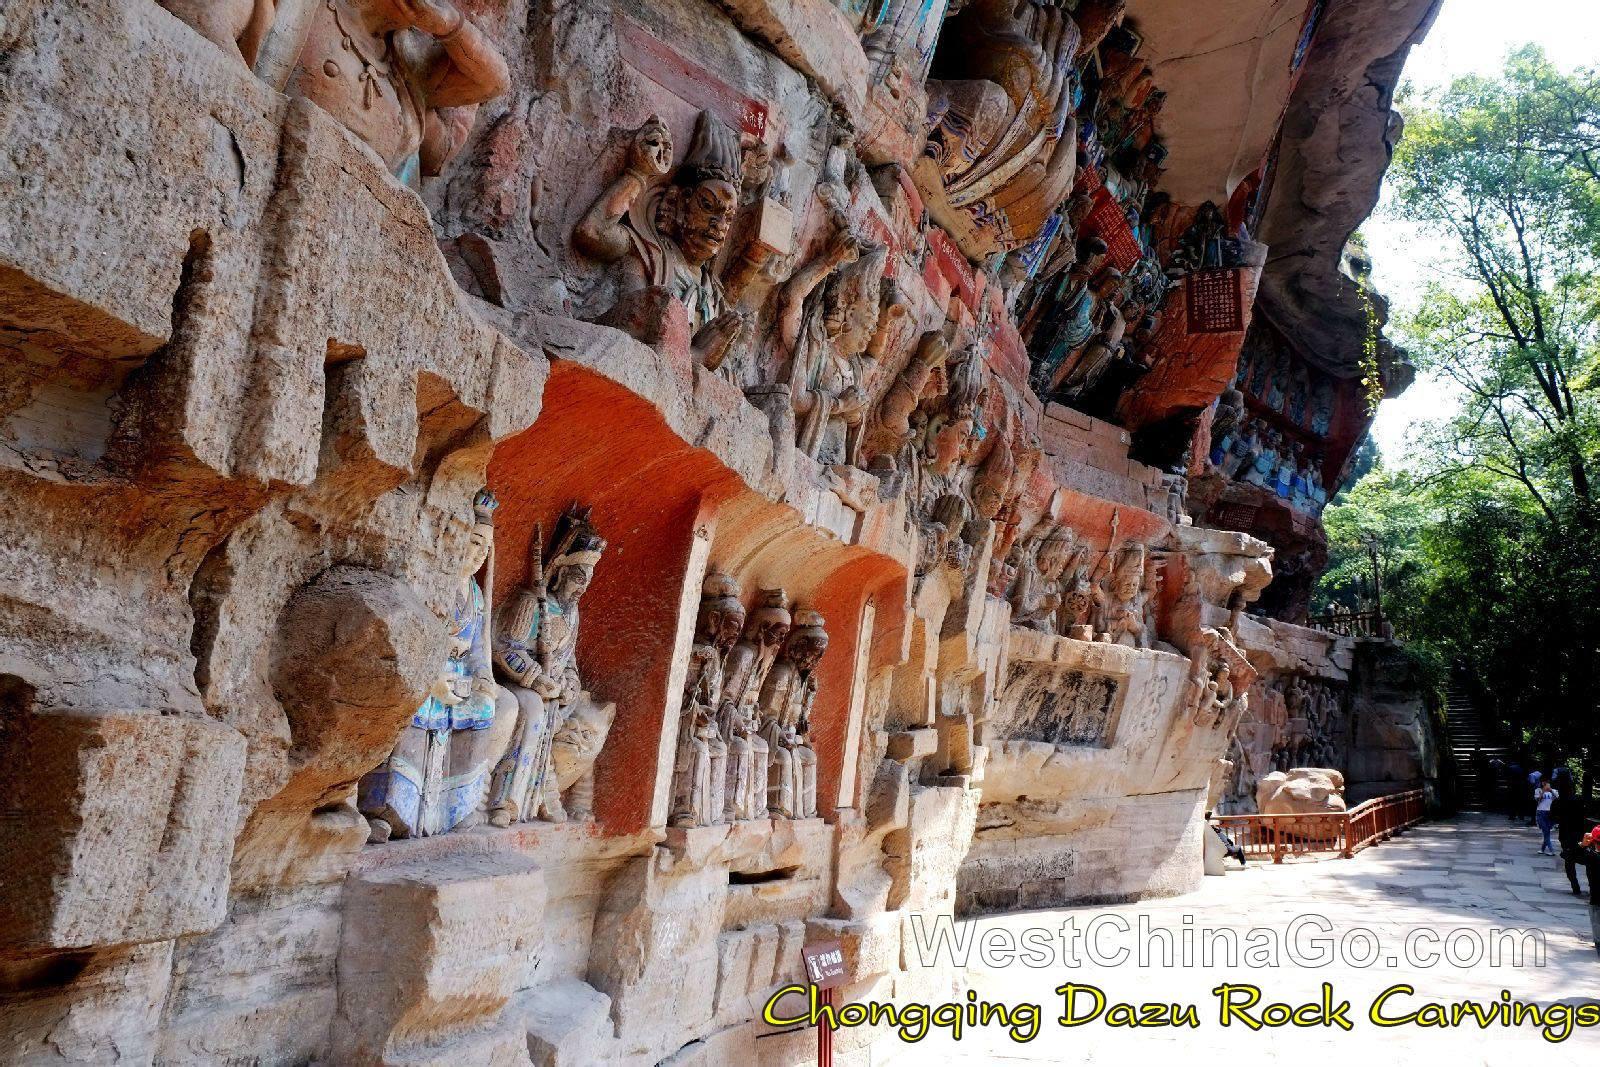 China Chongqing Dazu Grottoes